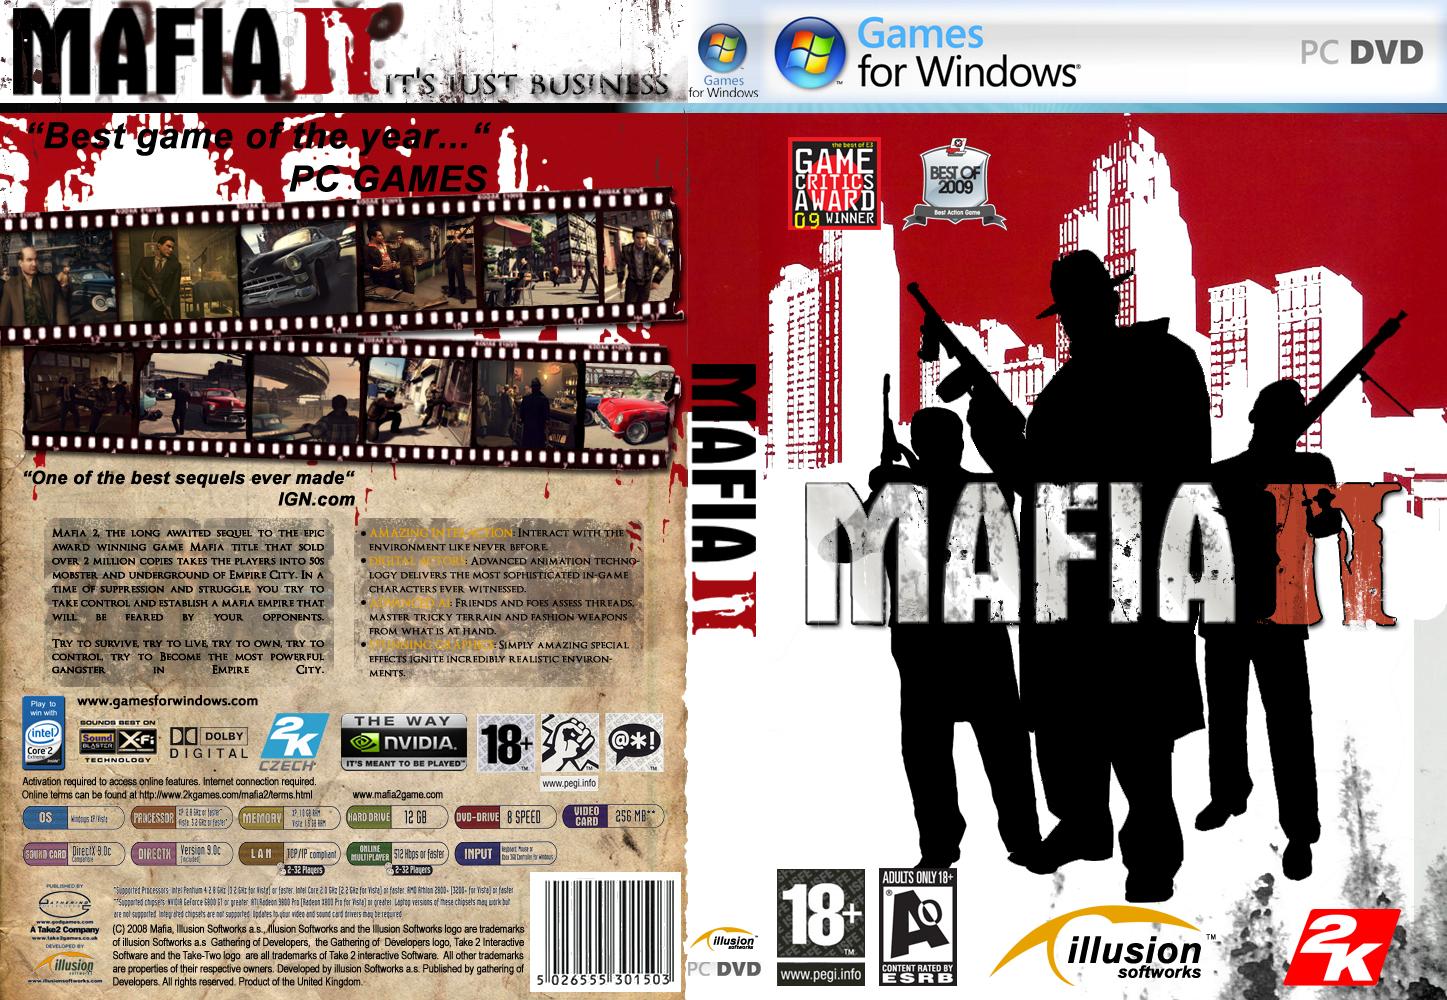 Mafia 2 PC Game Installation Overview